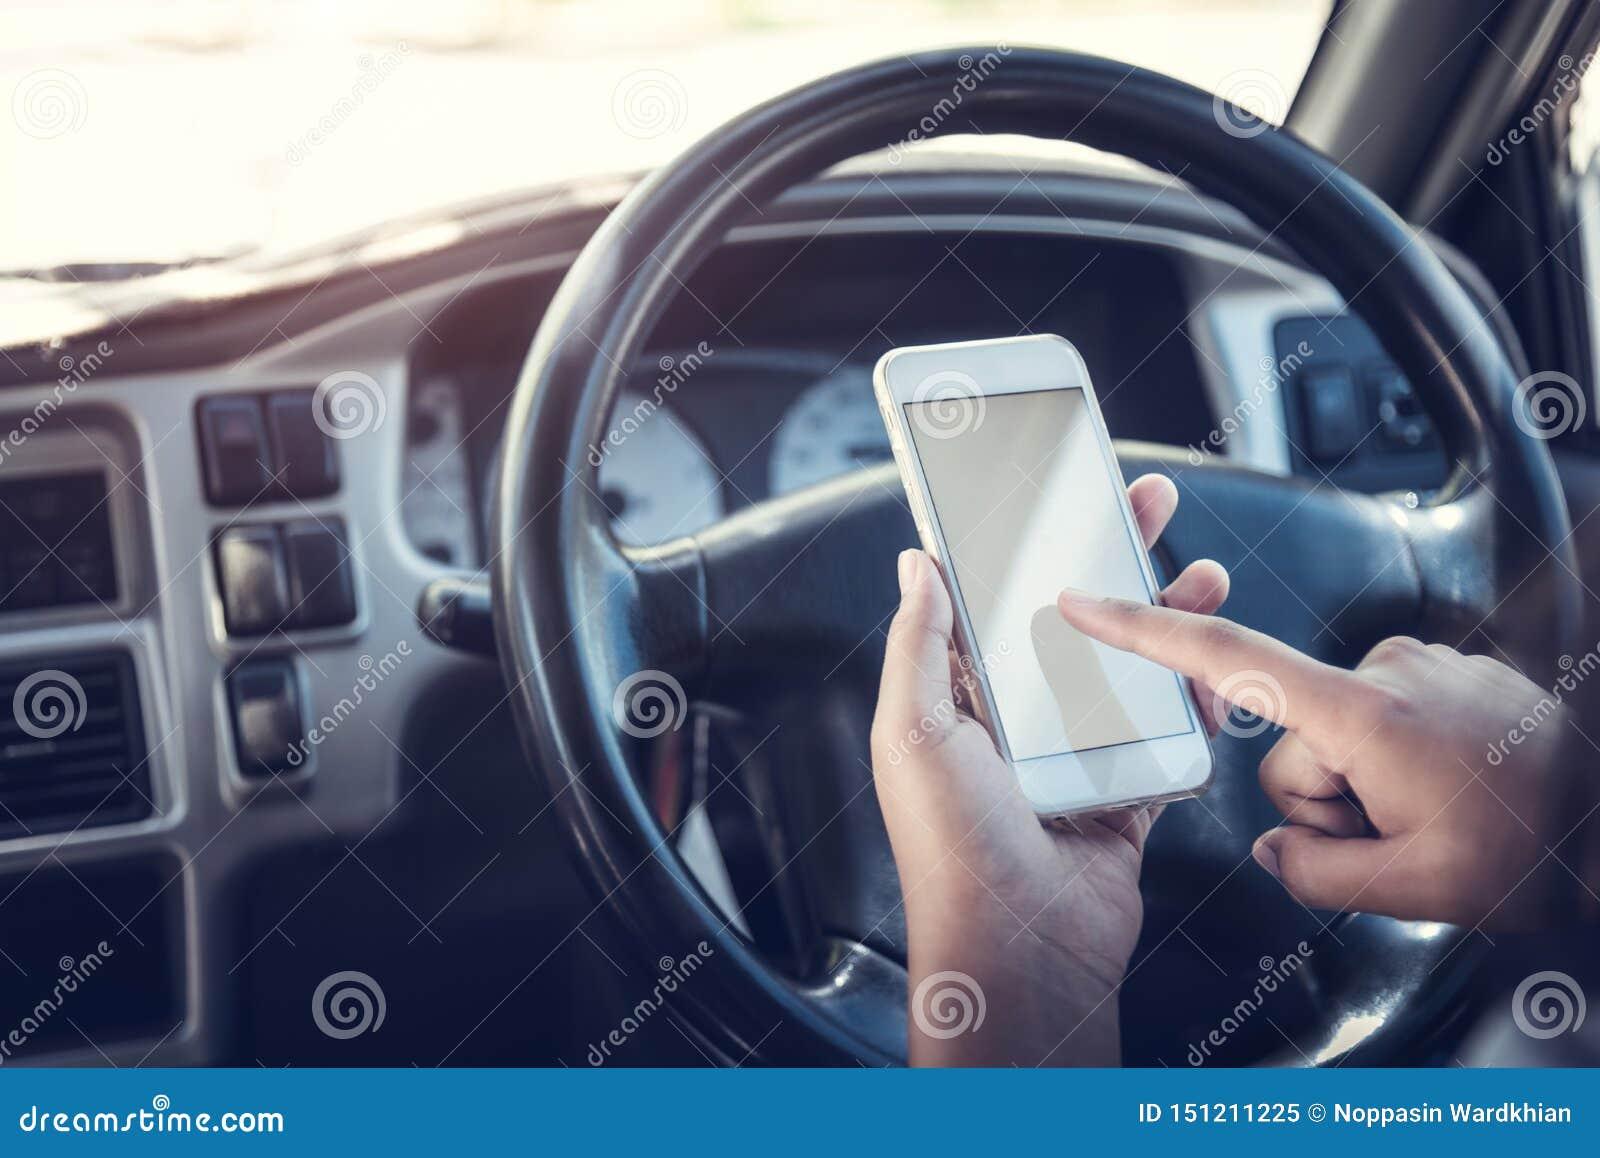 Conversazione asiatica della donna dal cellulare che chiama mandare un sms e che considera un telefono cellulare mentre sedendosi